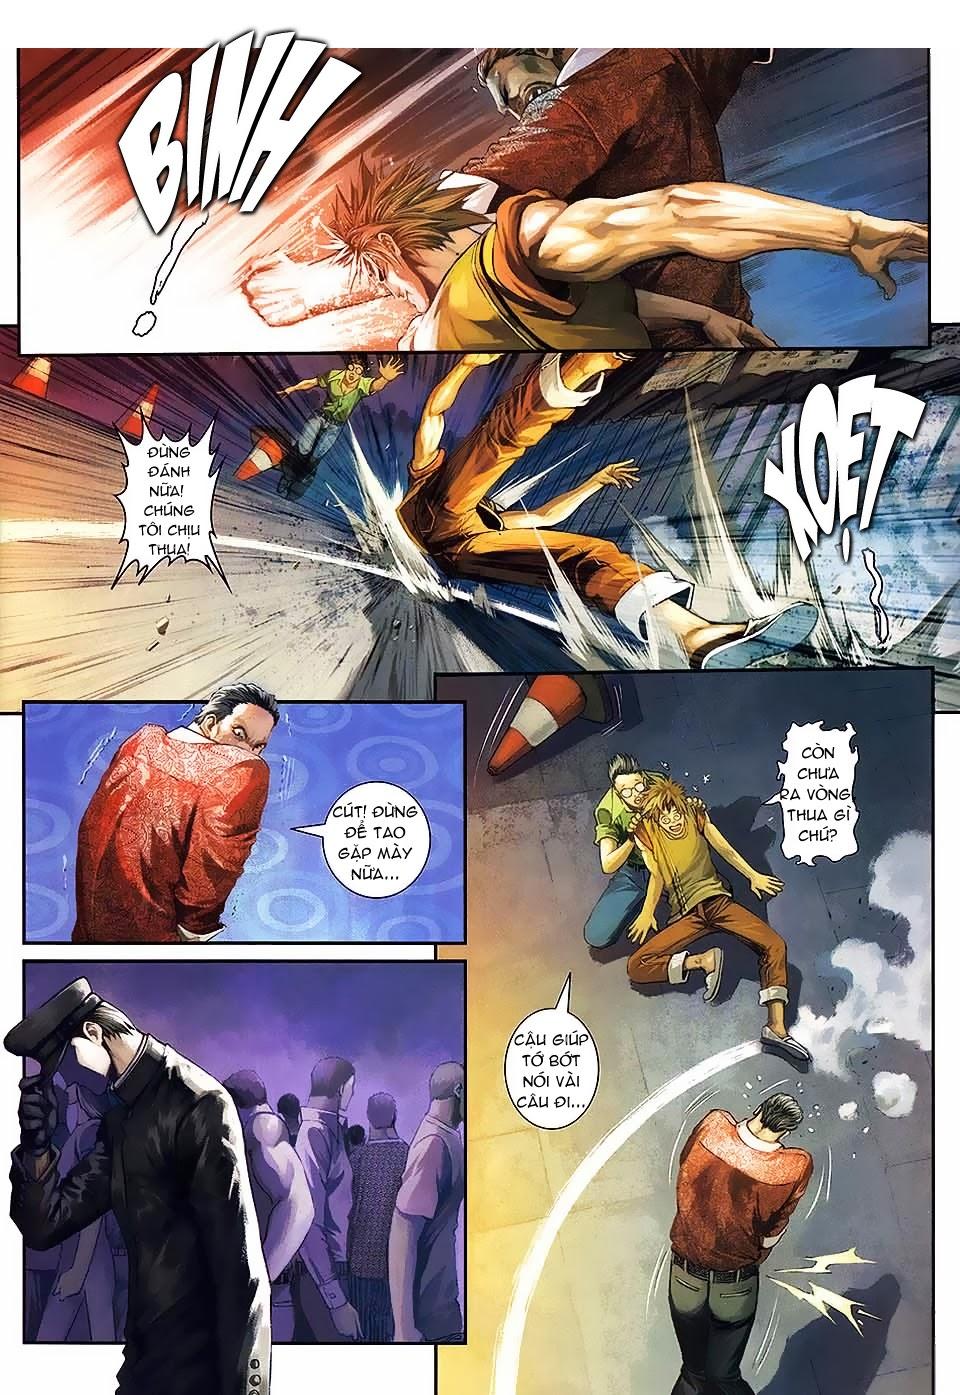 Quyền Đạo chapter 1 trang 26